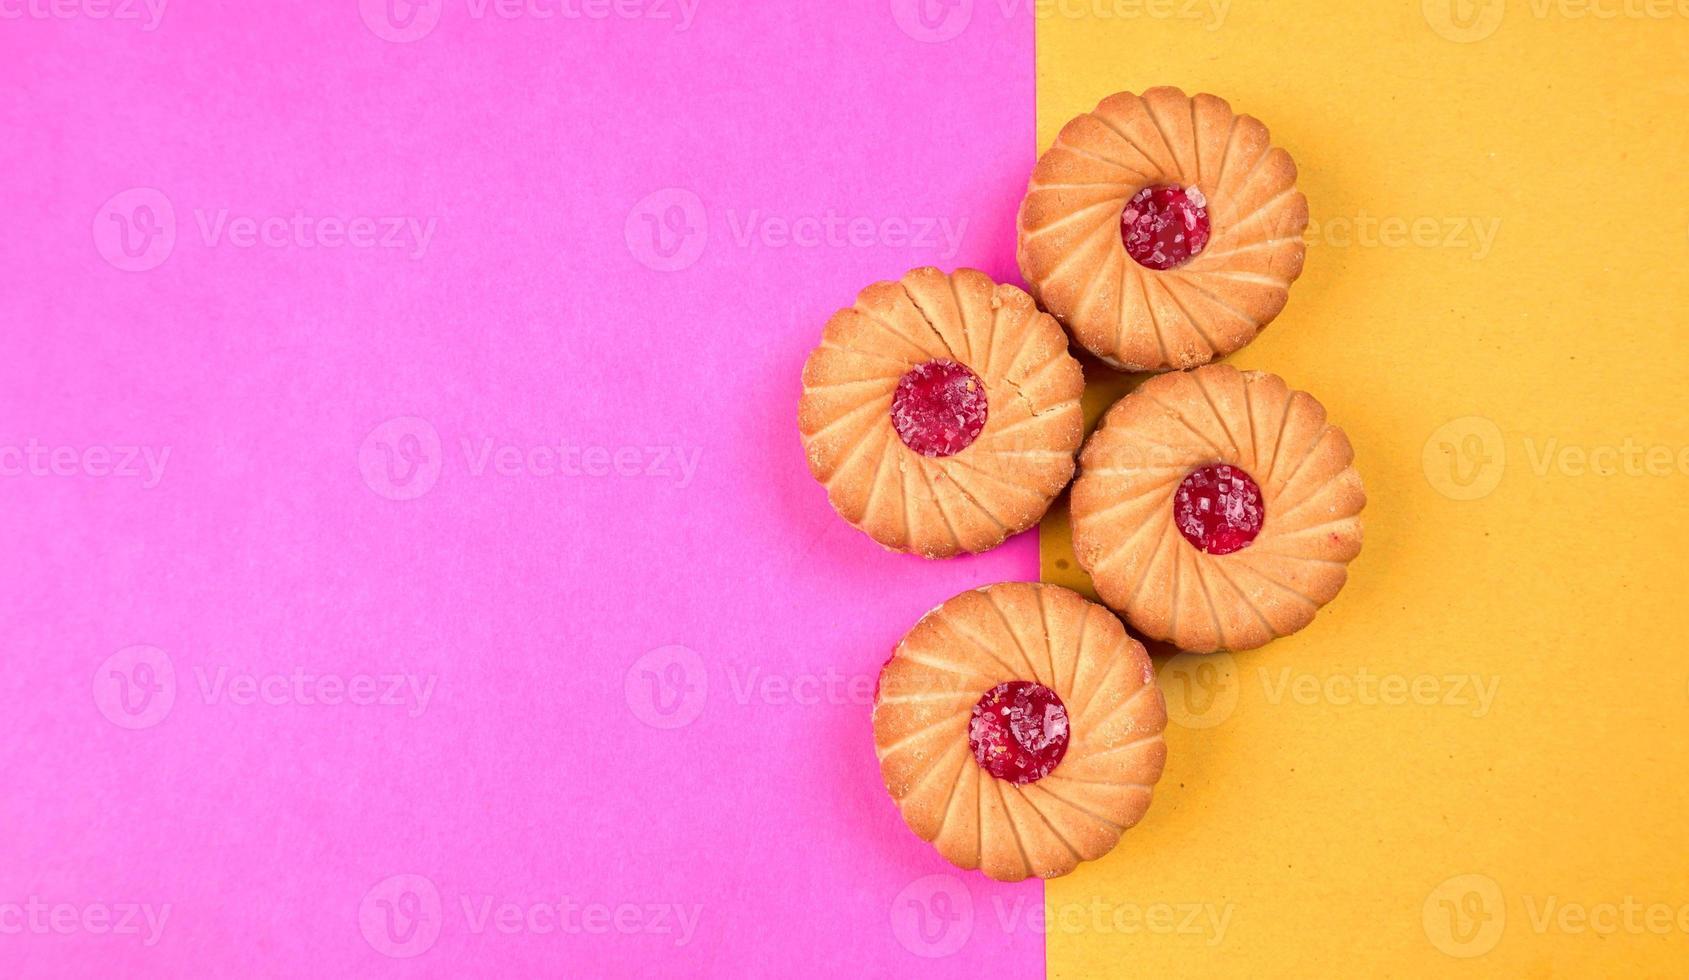 Vista superior de galletas de mermelada sobre fondo rosa y amarillo. galletas de sándwich o galletas de crema aisladas. foto